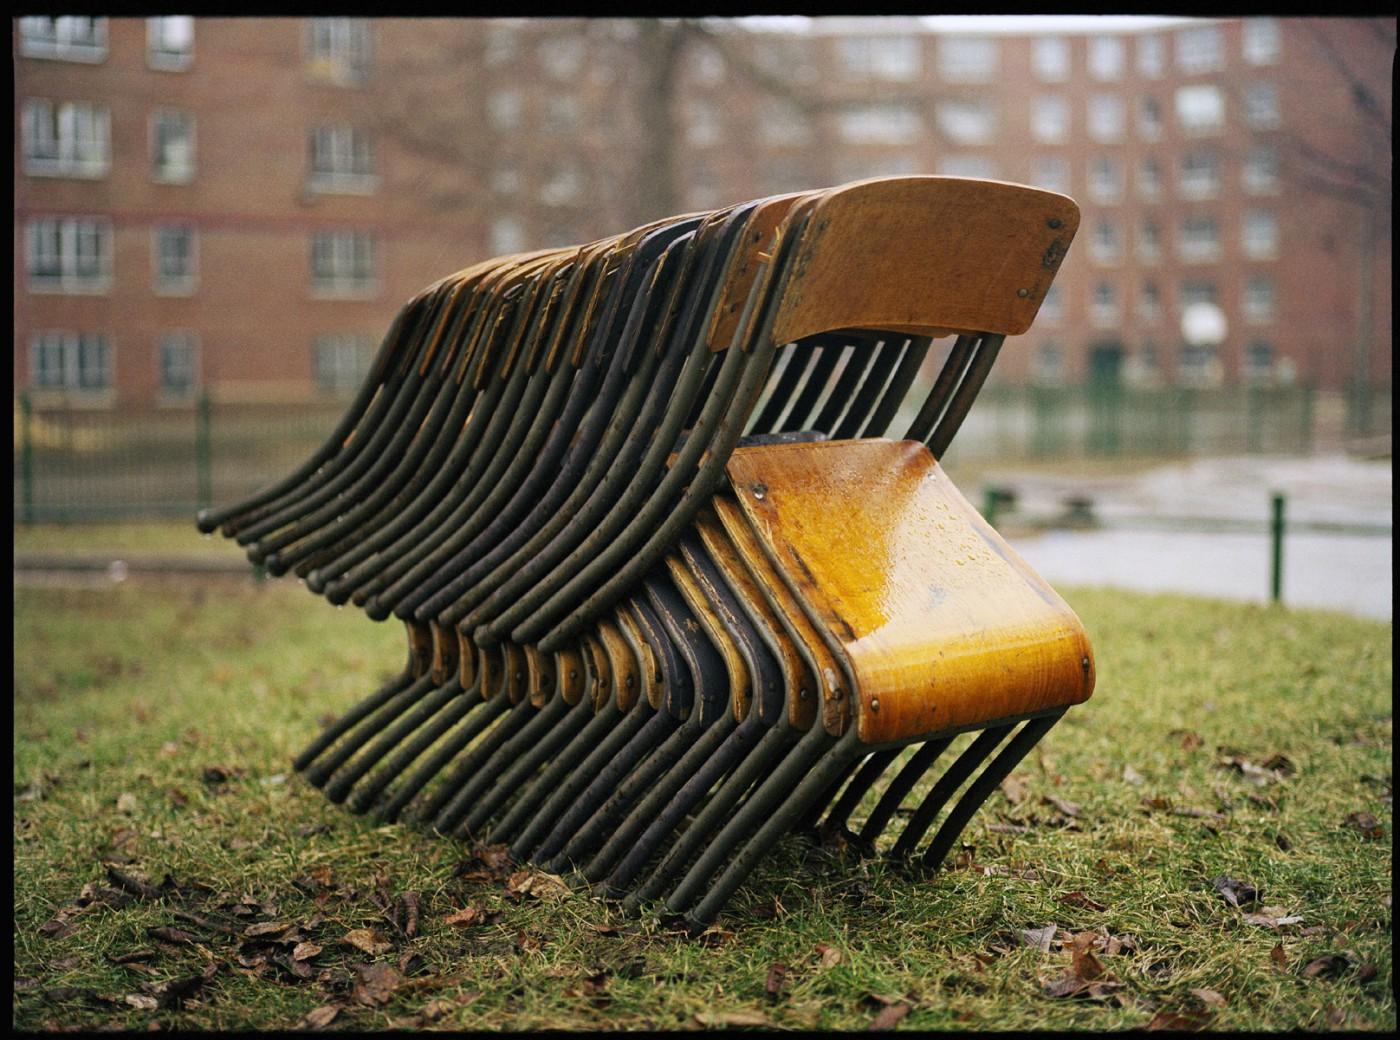 Scott Johnston, </span><span><em>17 Unconvinced Chairs - Regent Park, 2006</em>, </span><span>40